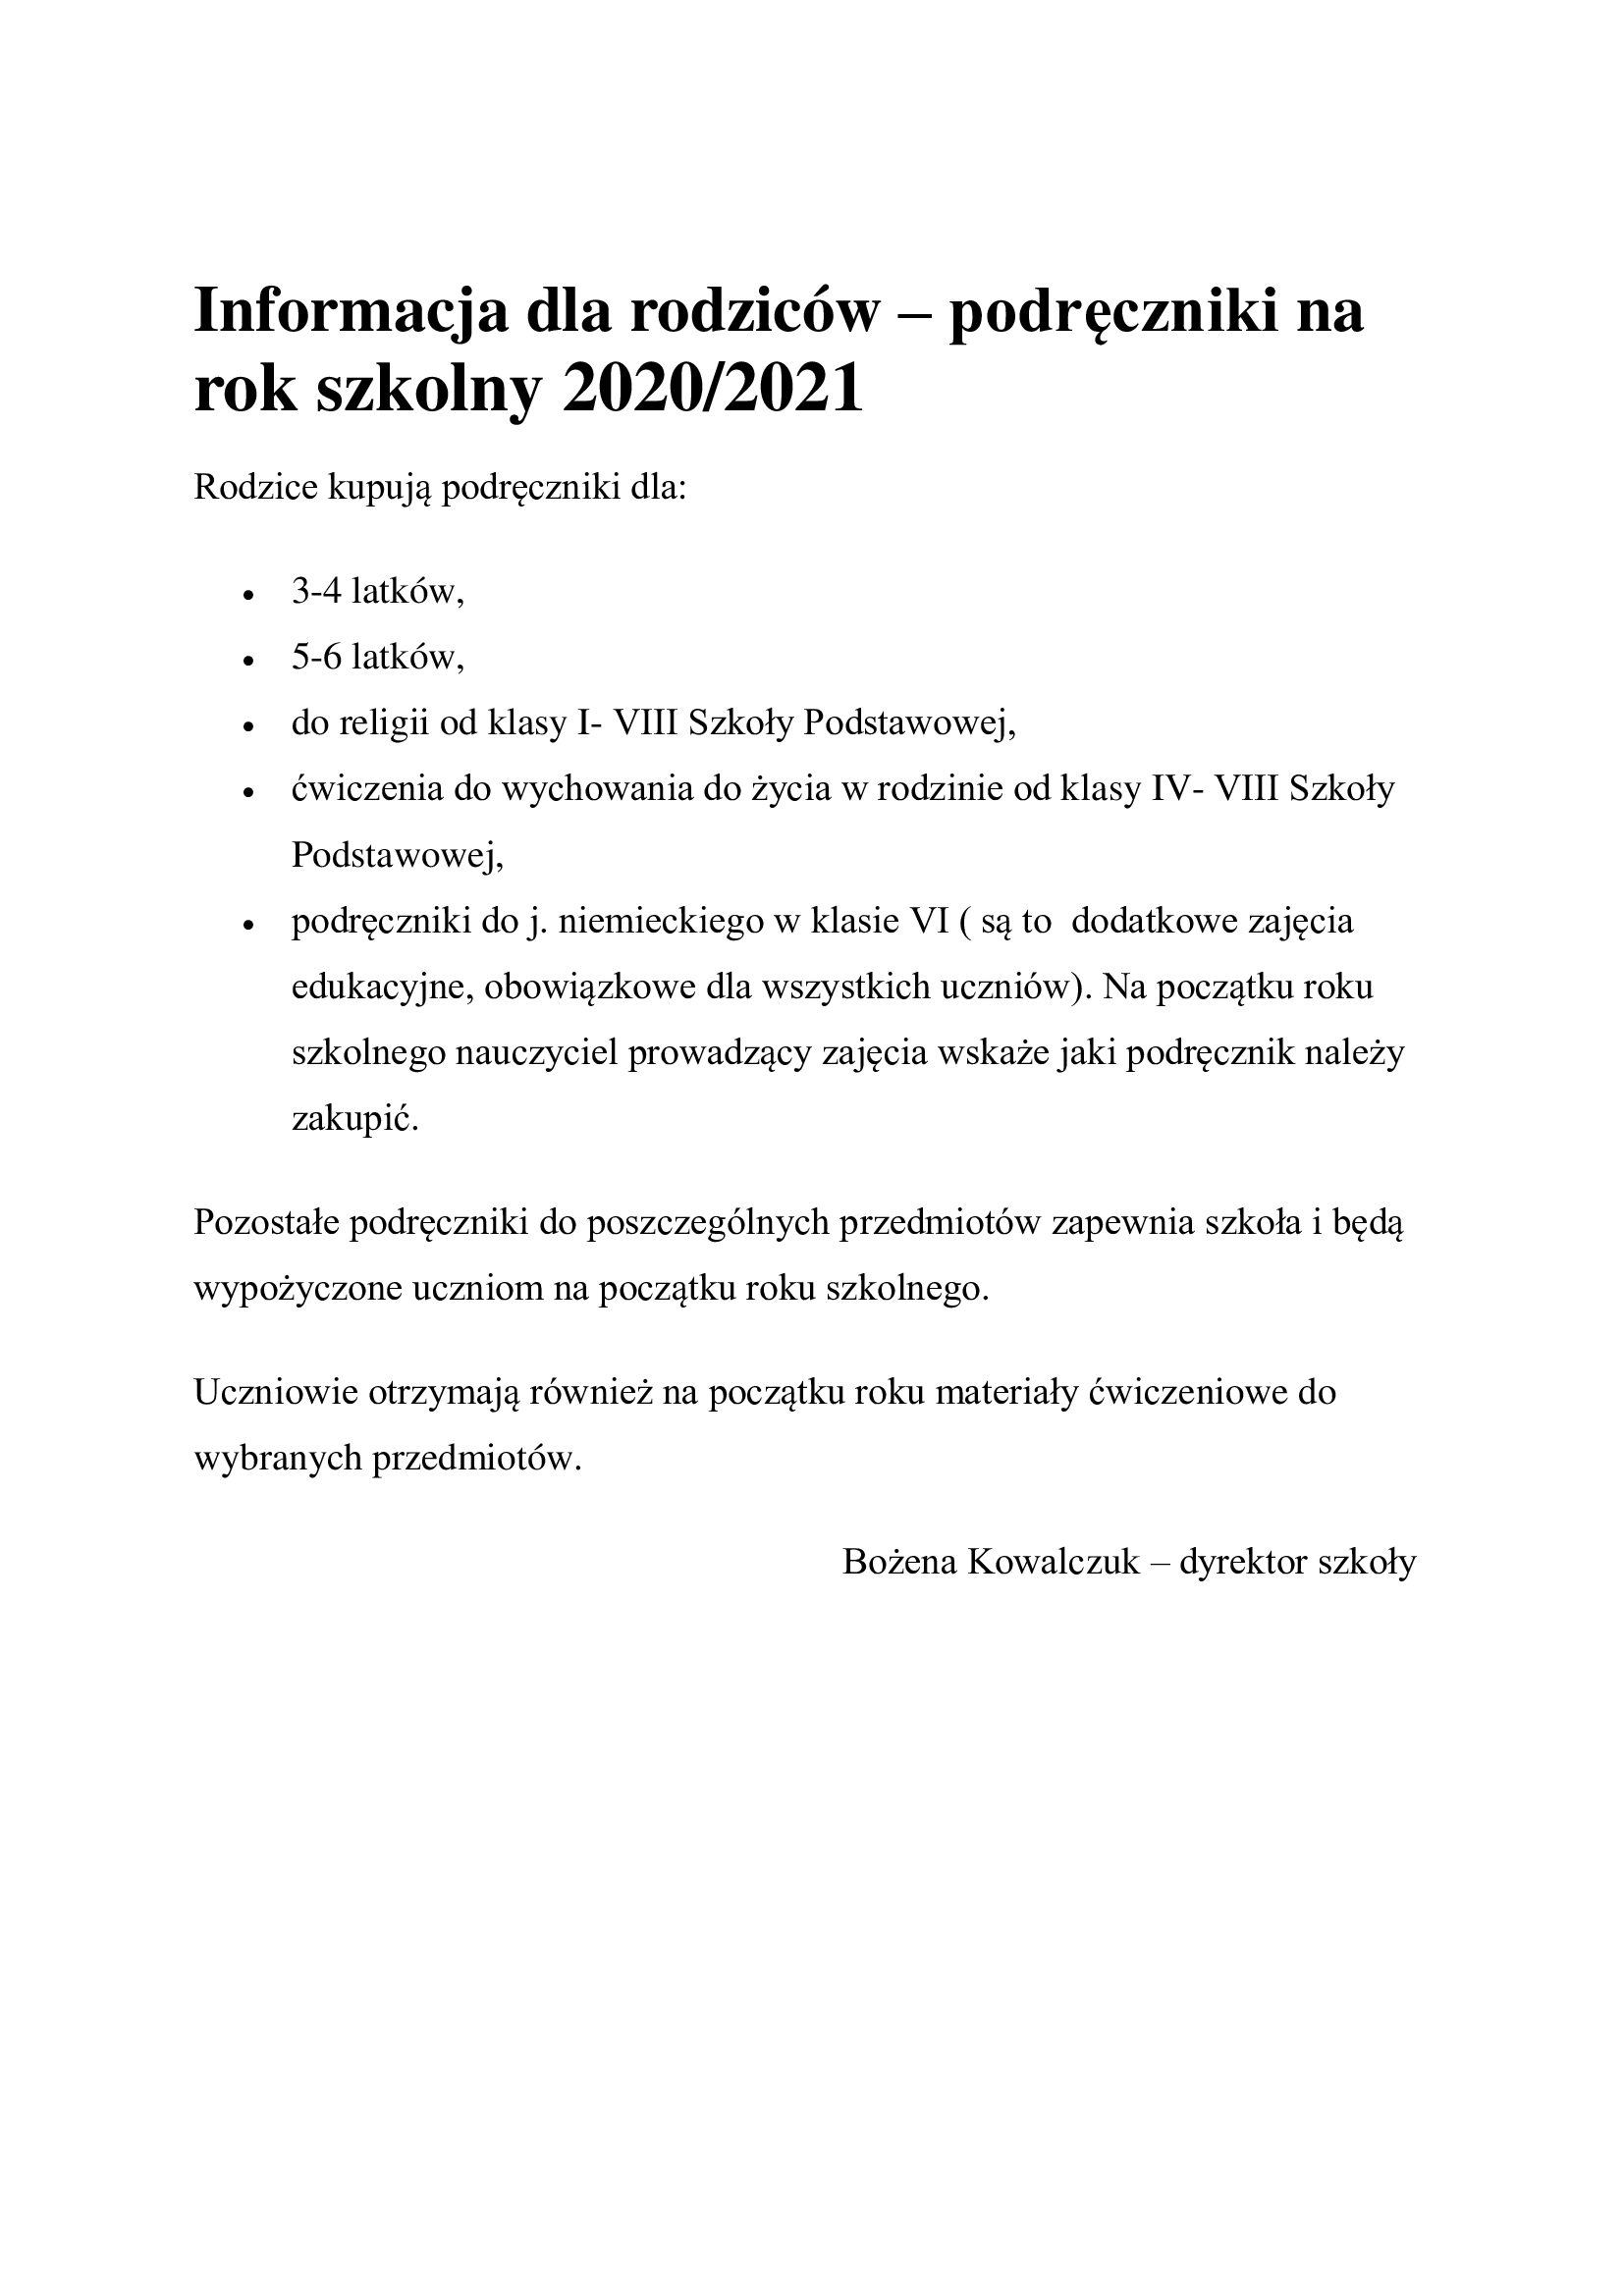 Informacja dla rodziców – podręczniki na rok szkolny 2020/2021